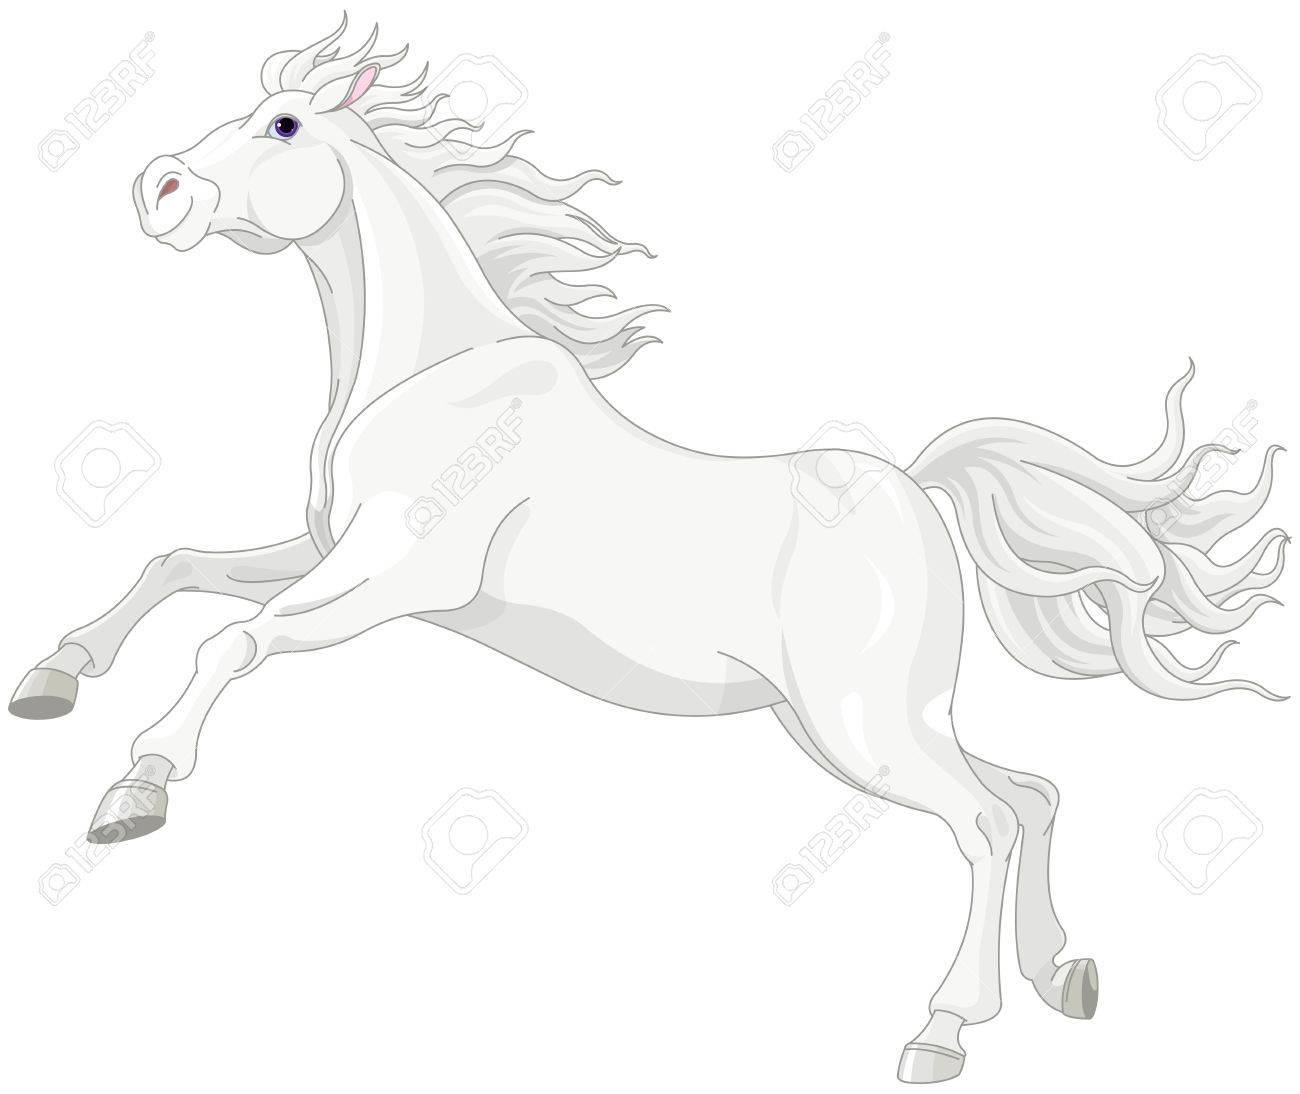 美しい白い馬のイラストのイラスト素材 ベクタ Image